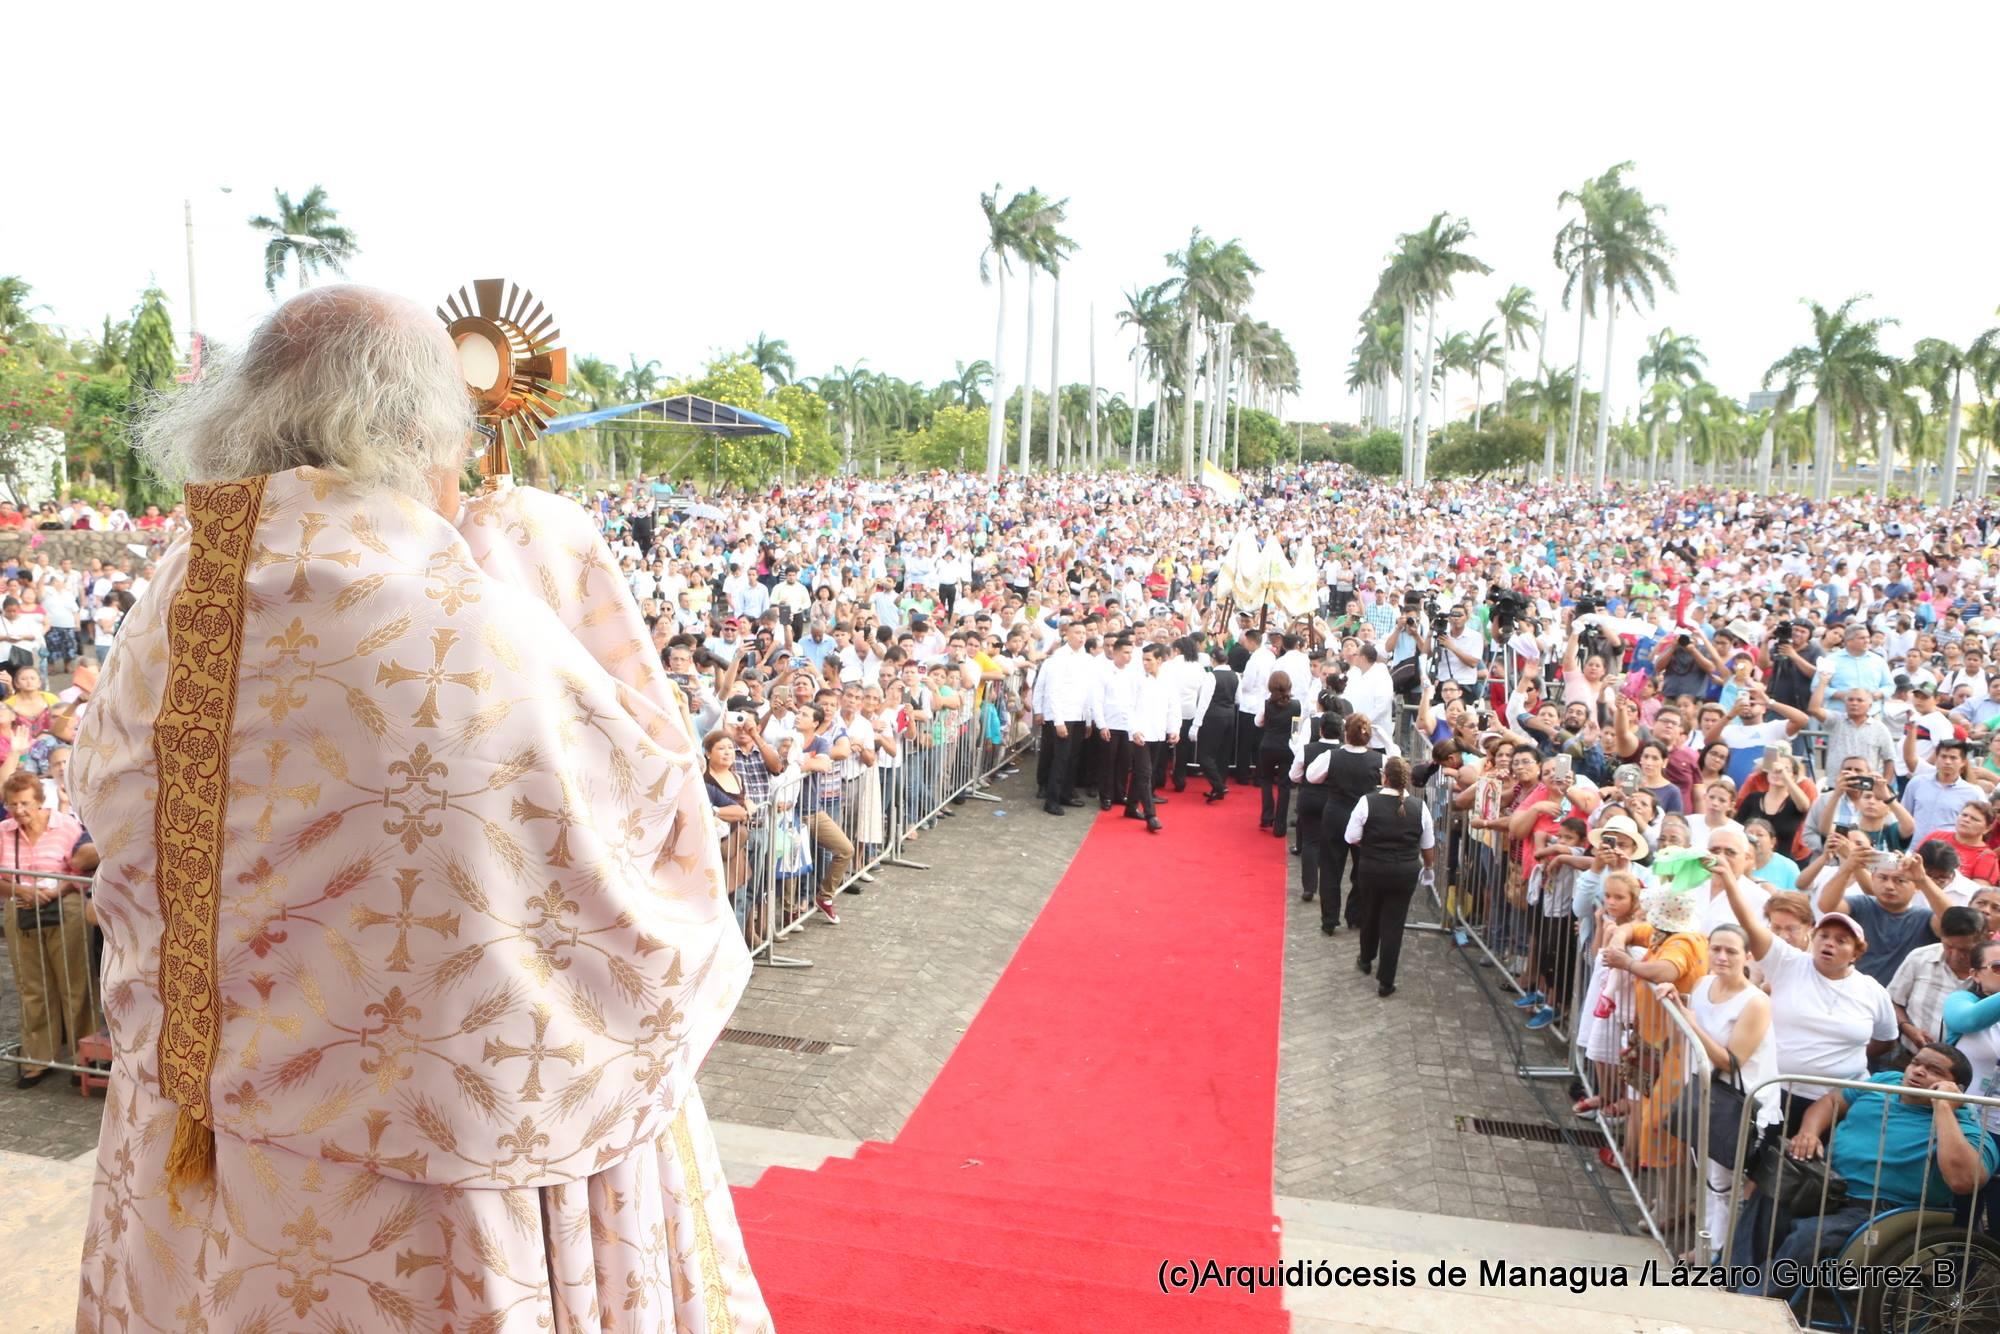 El Arzobispo de Managua, Nicaragua © Facebook Archidiócesis de Managua